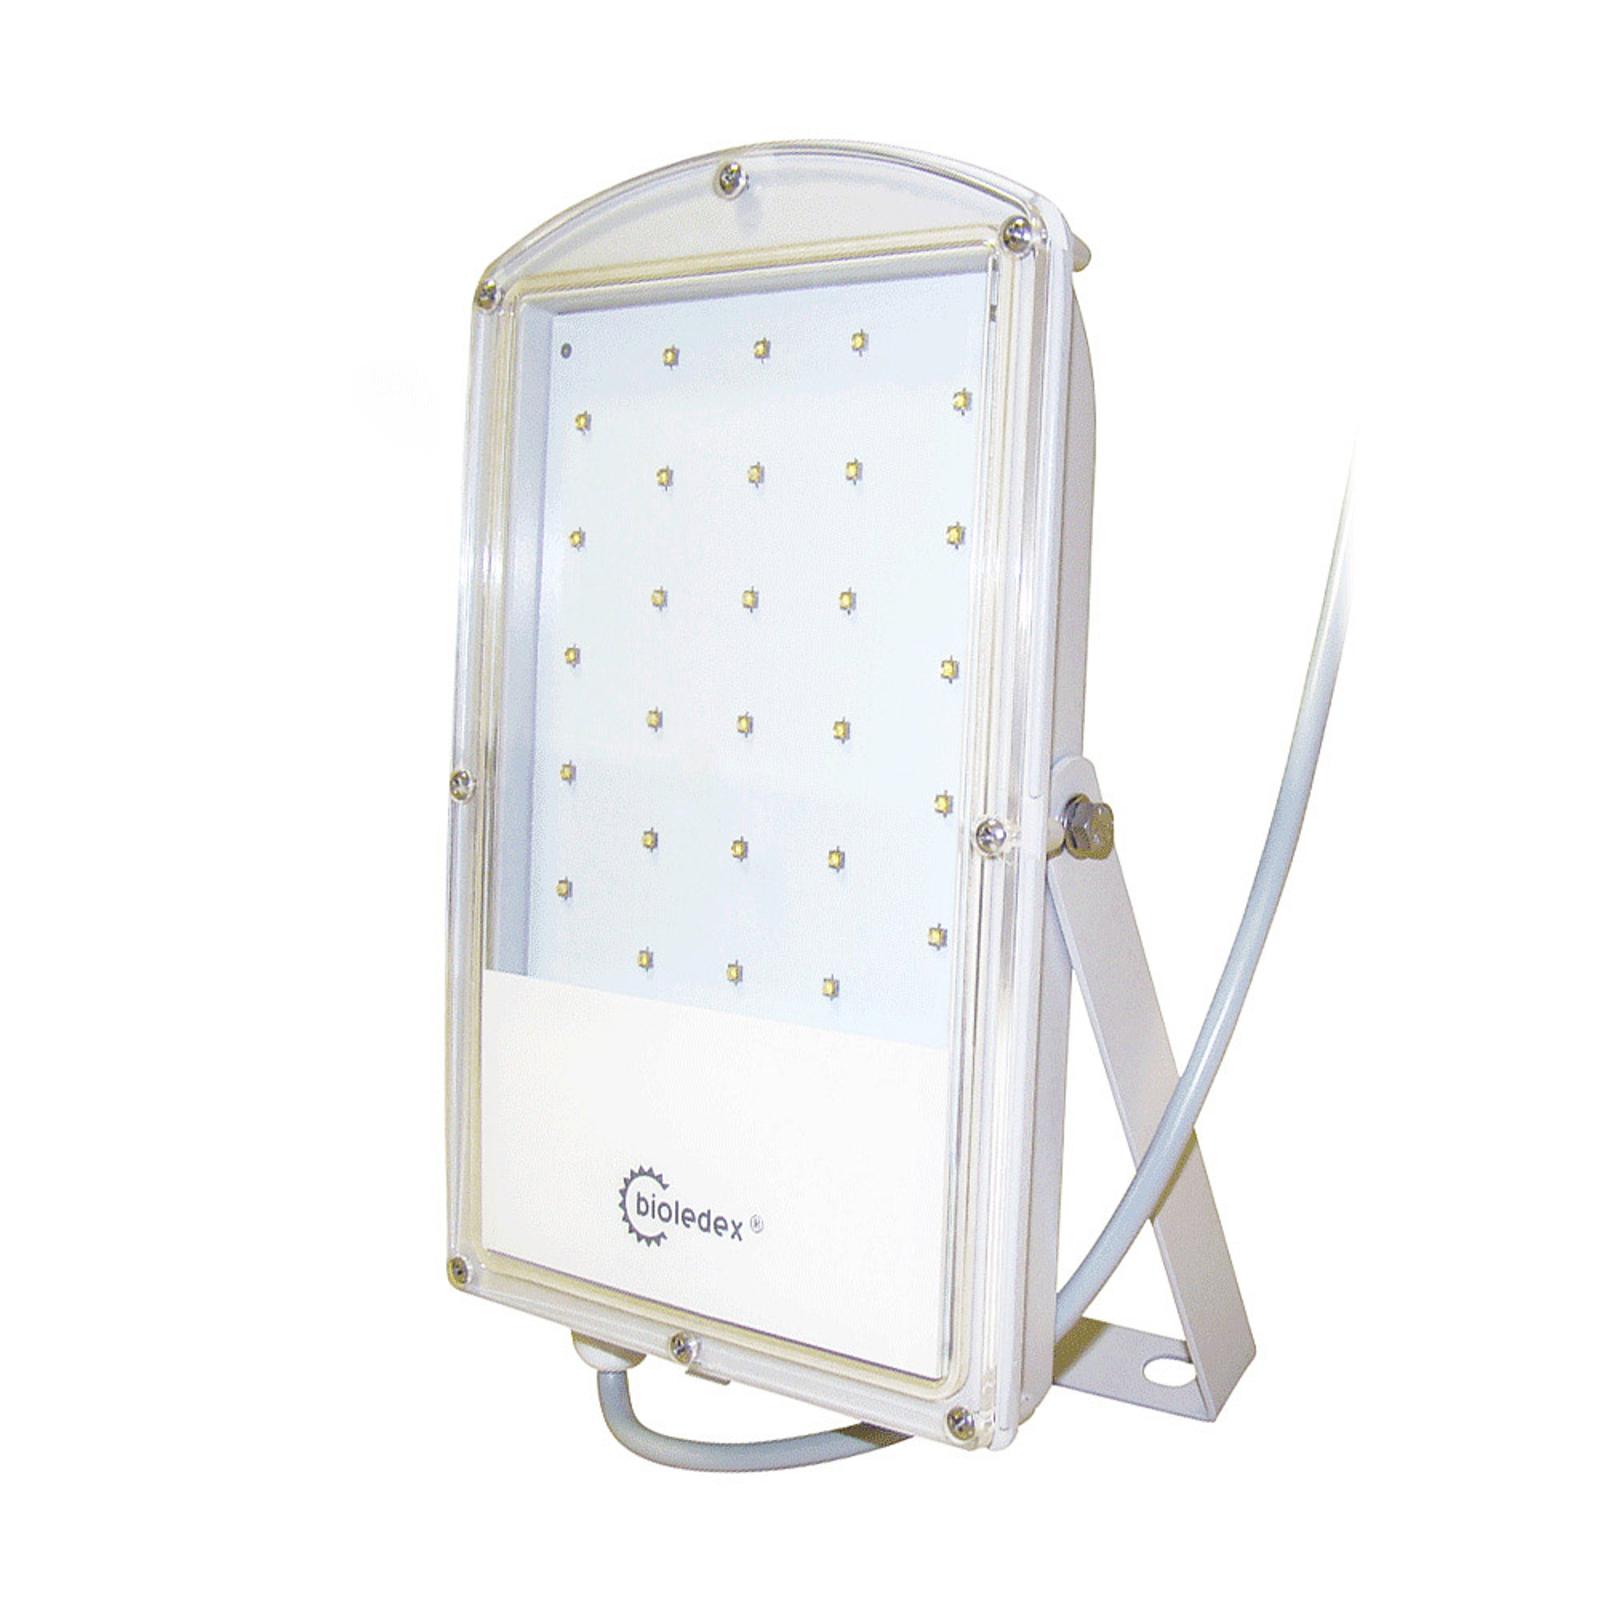 LED-Pflanzenlampe GoLeaf 27W S5 effizientes Wachst